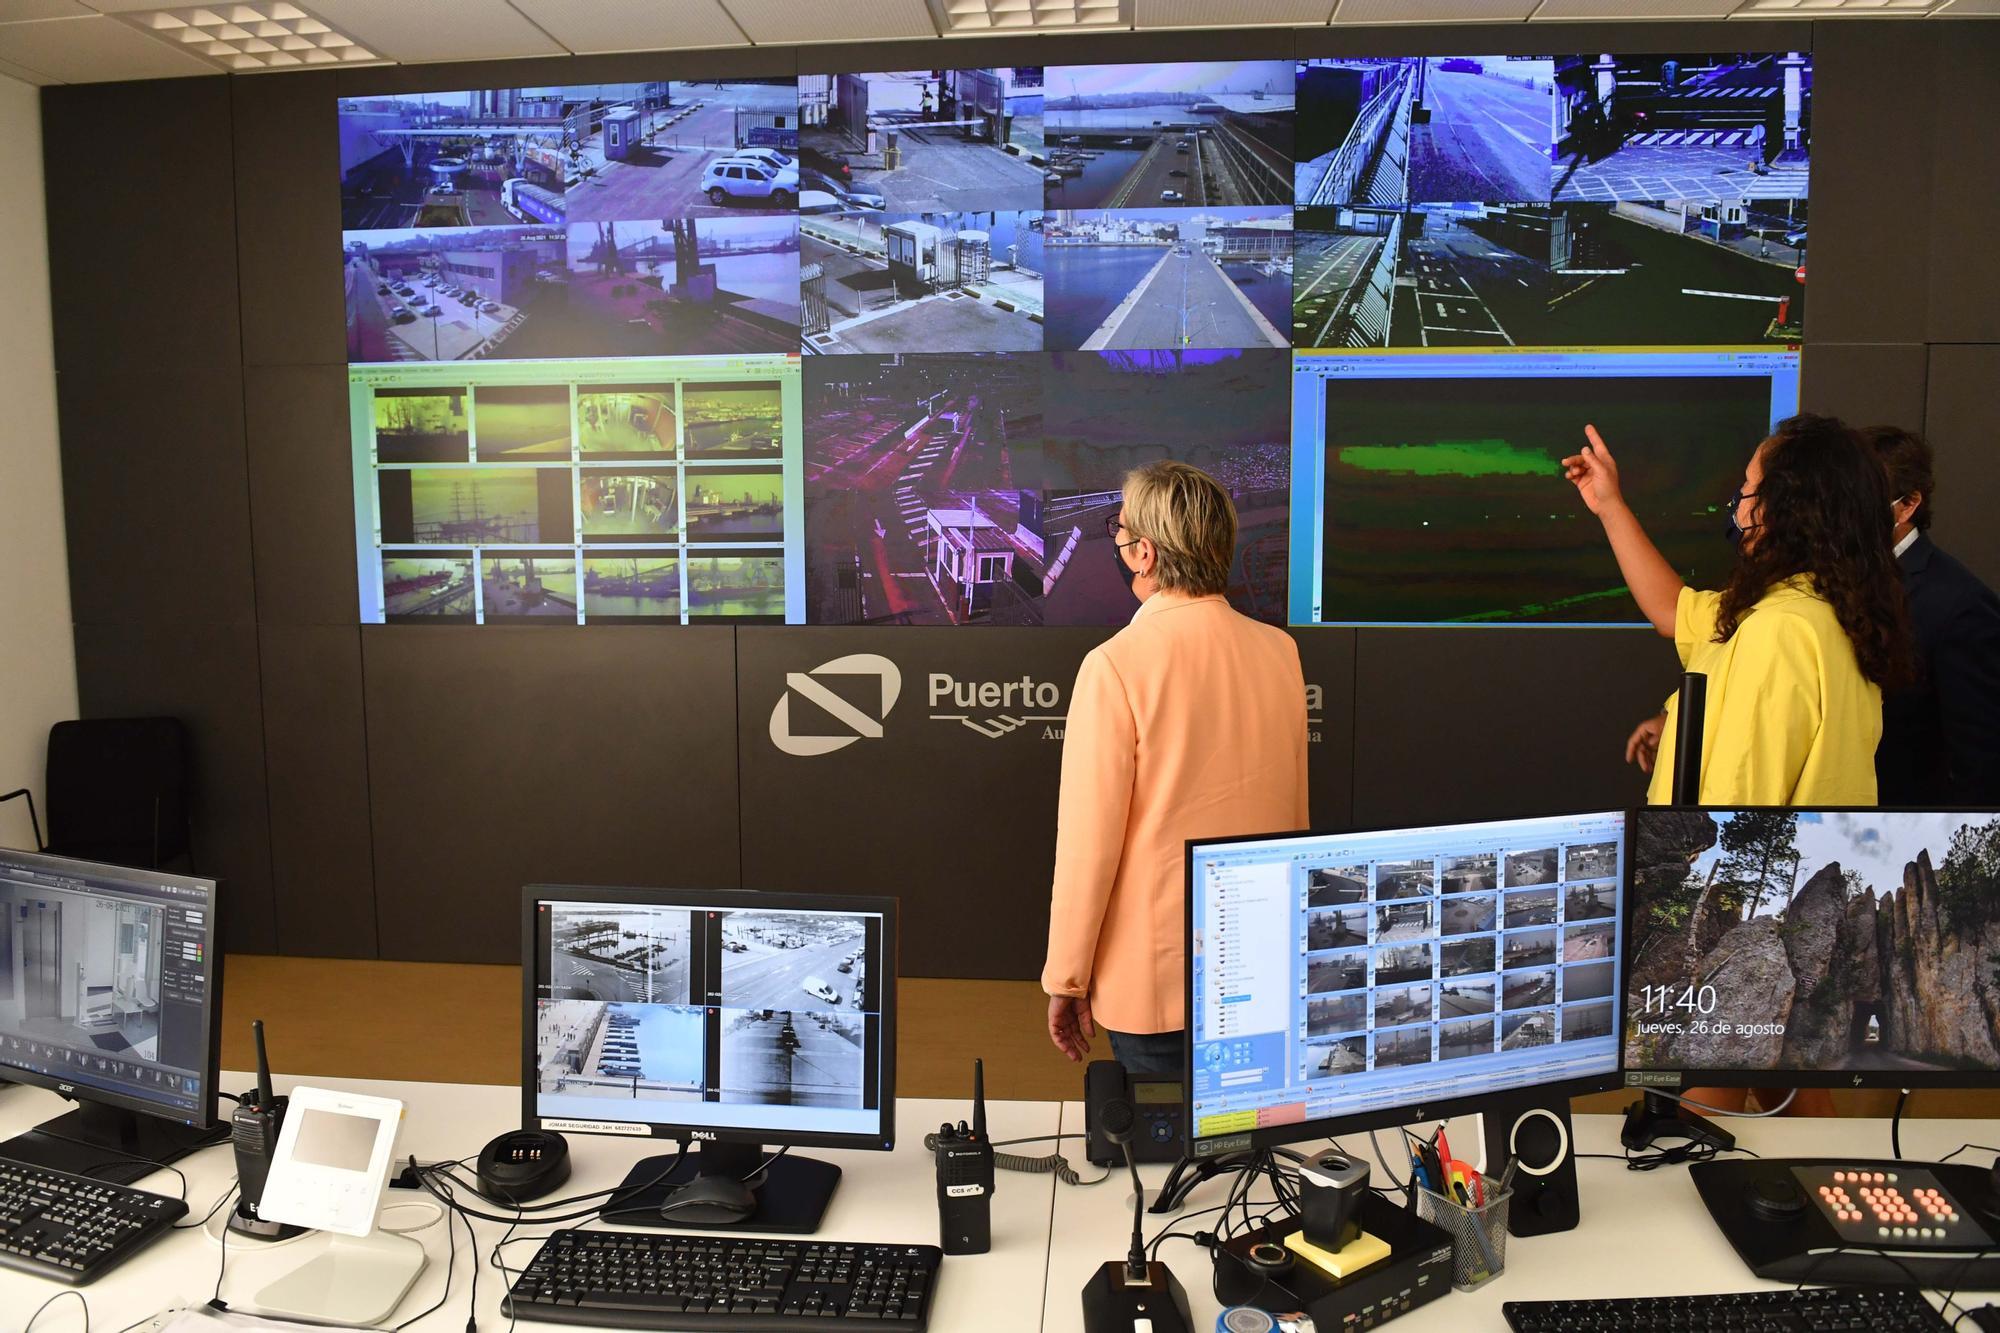 La sala de pantallas del Puerto de A Coruña contará con unas 300 cámaras